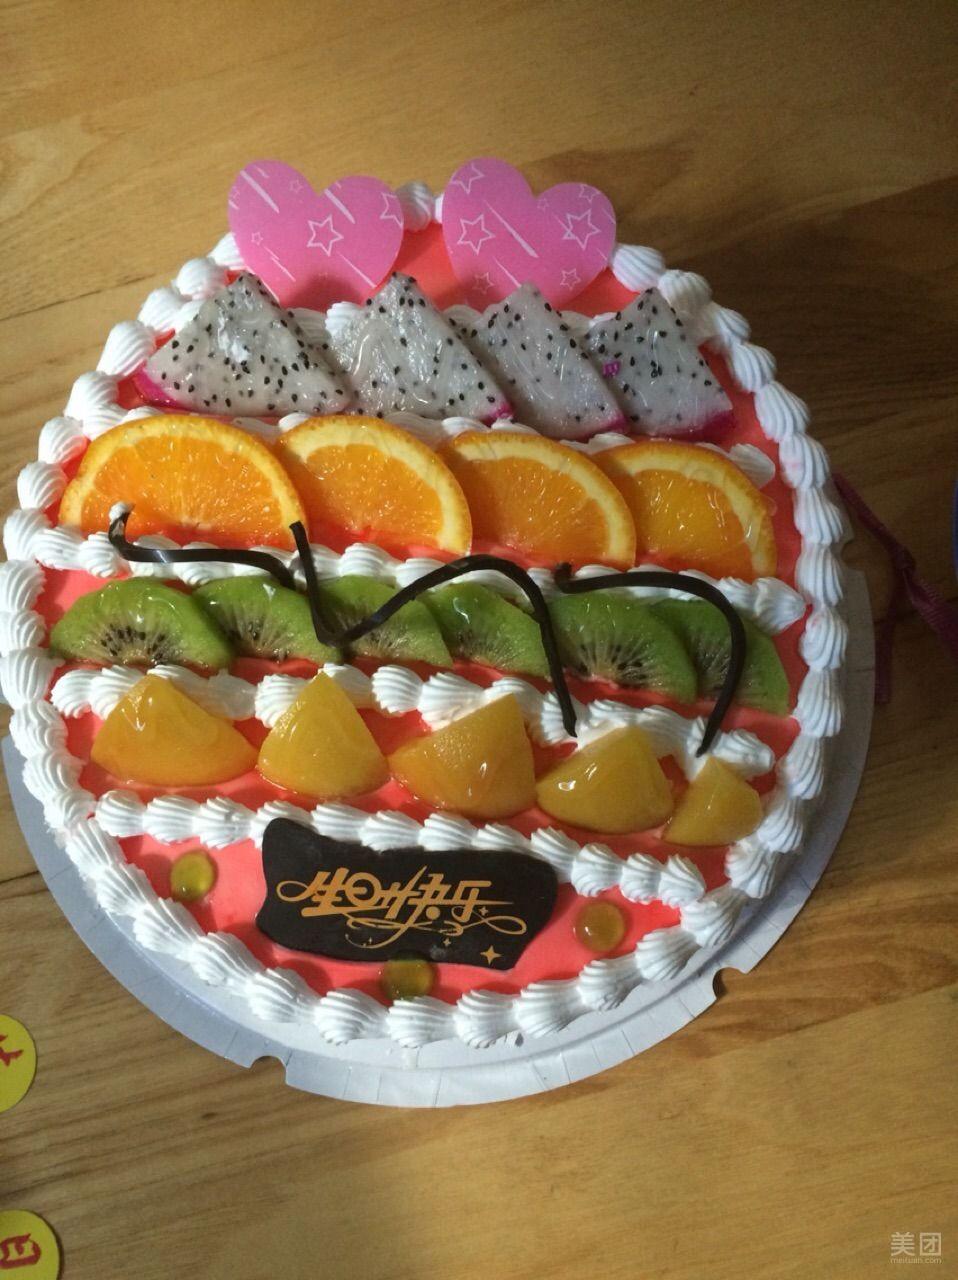 蛋糕挺好,外观也很漂亮!是去店里看到其他顾客在做这个,上面水果也都是喜欢的于是下的单,可是今天打开很失望,没有孩子喜欢的黄桃和草莓!我就是很郁闷,不看着做就这么敷衍顾客吗?挑一些便宜的橘子来装饰!别人看着做就弄上黄桃和草莓!